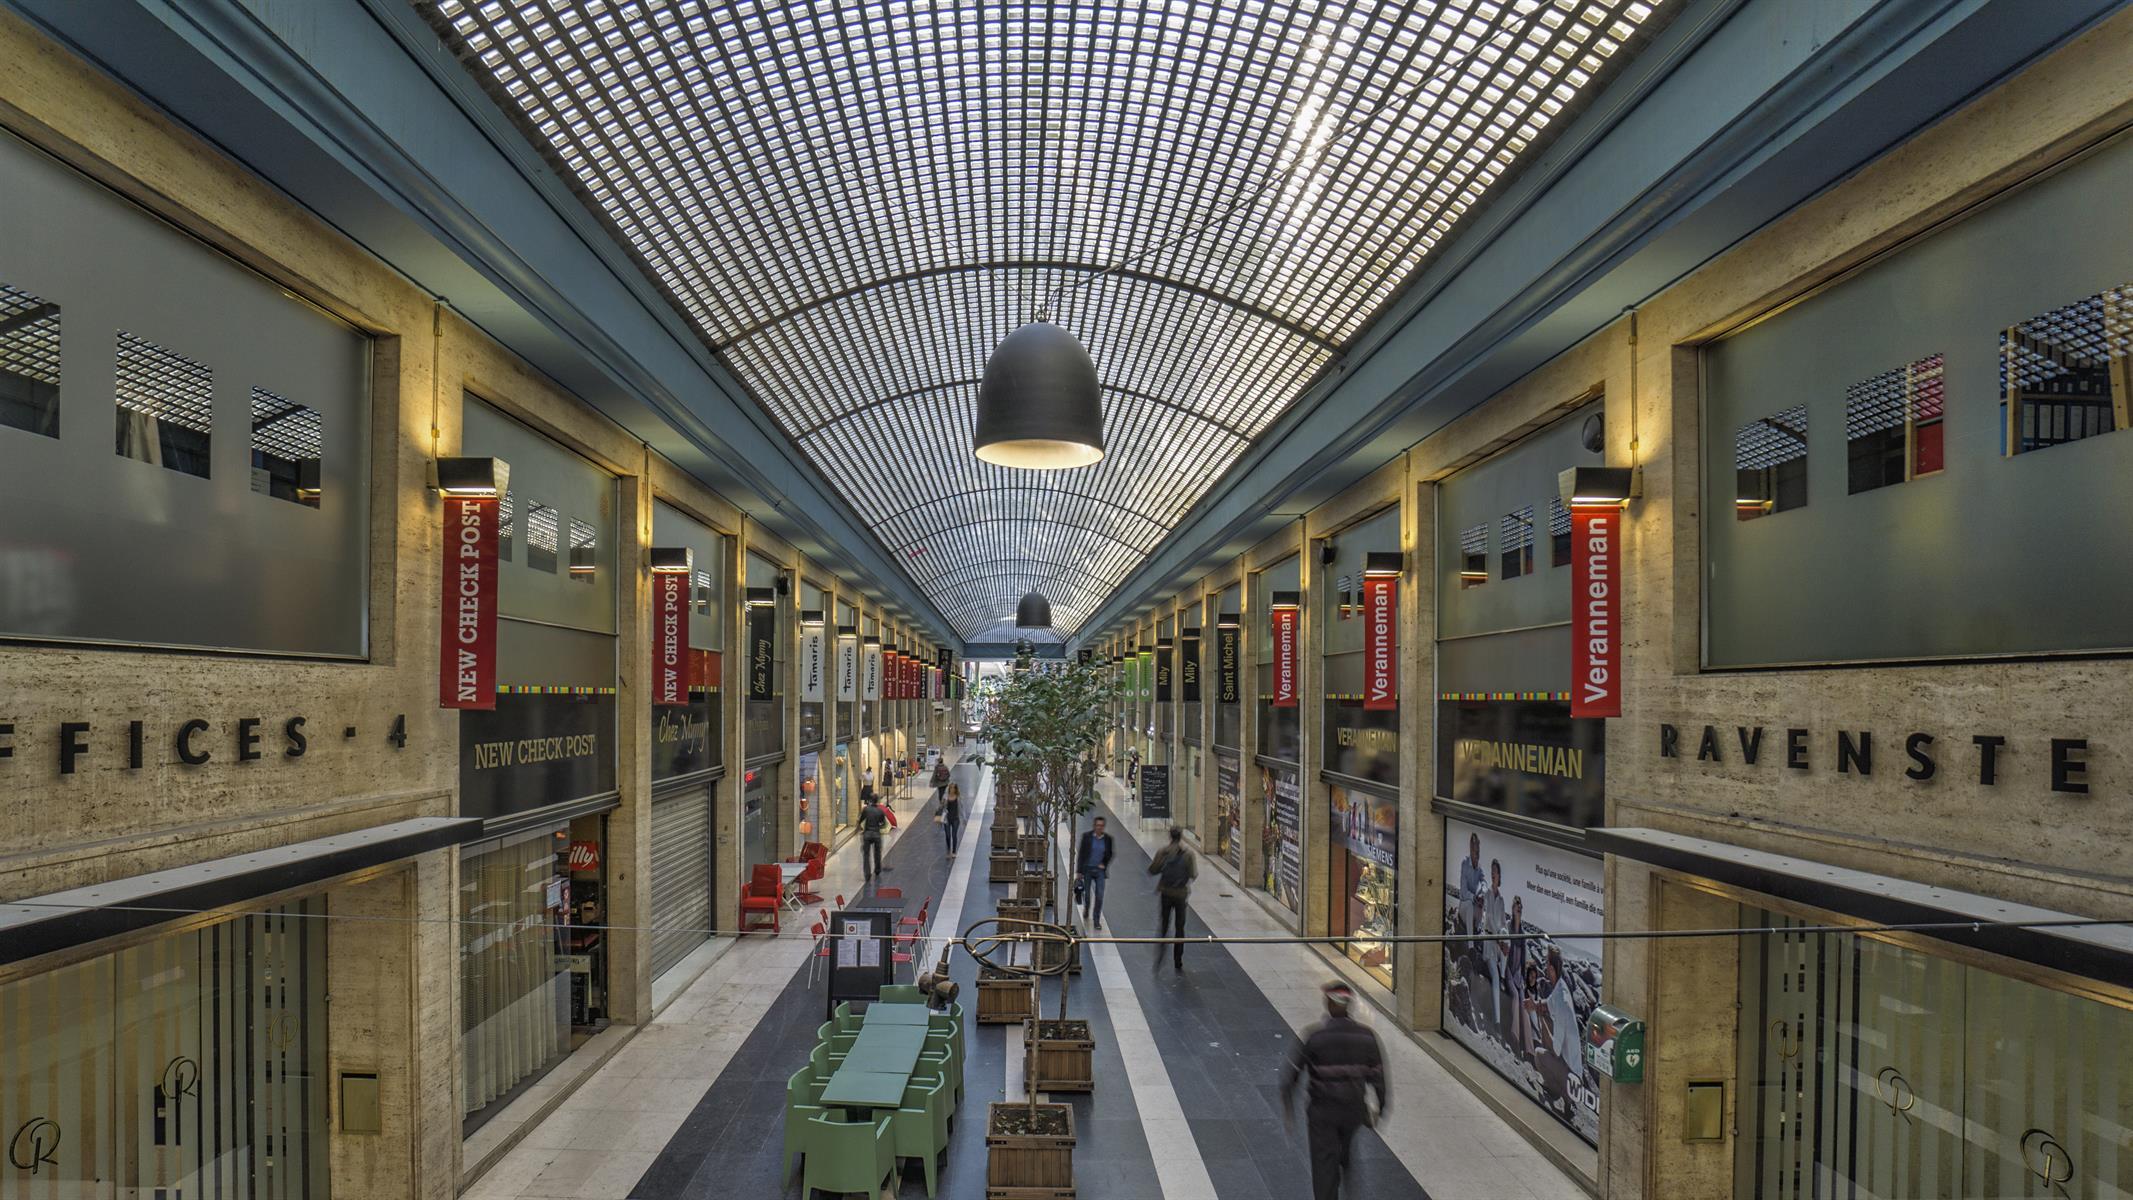 RAVENSTEIN GALERIE - Bruxelles - #3191882-5